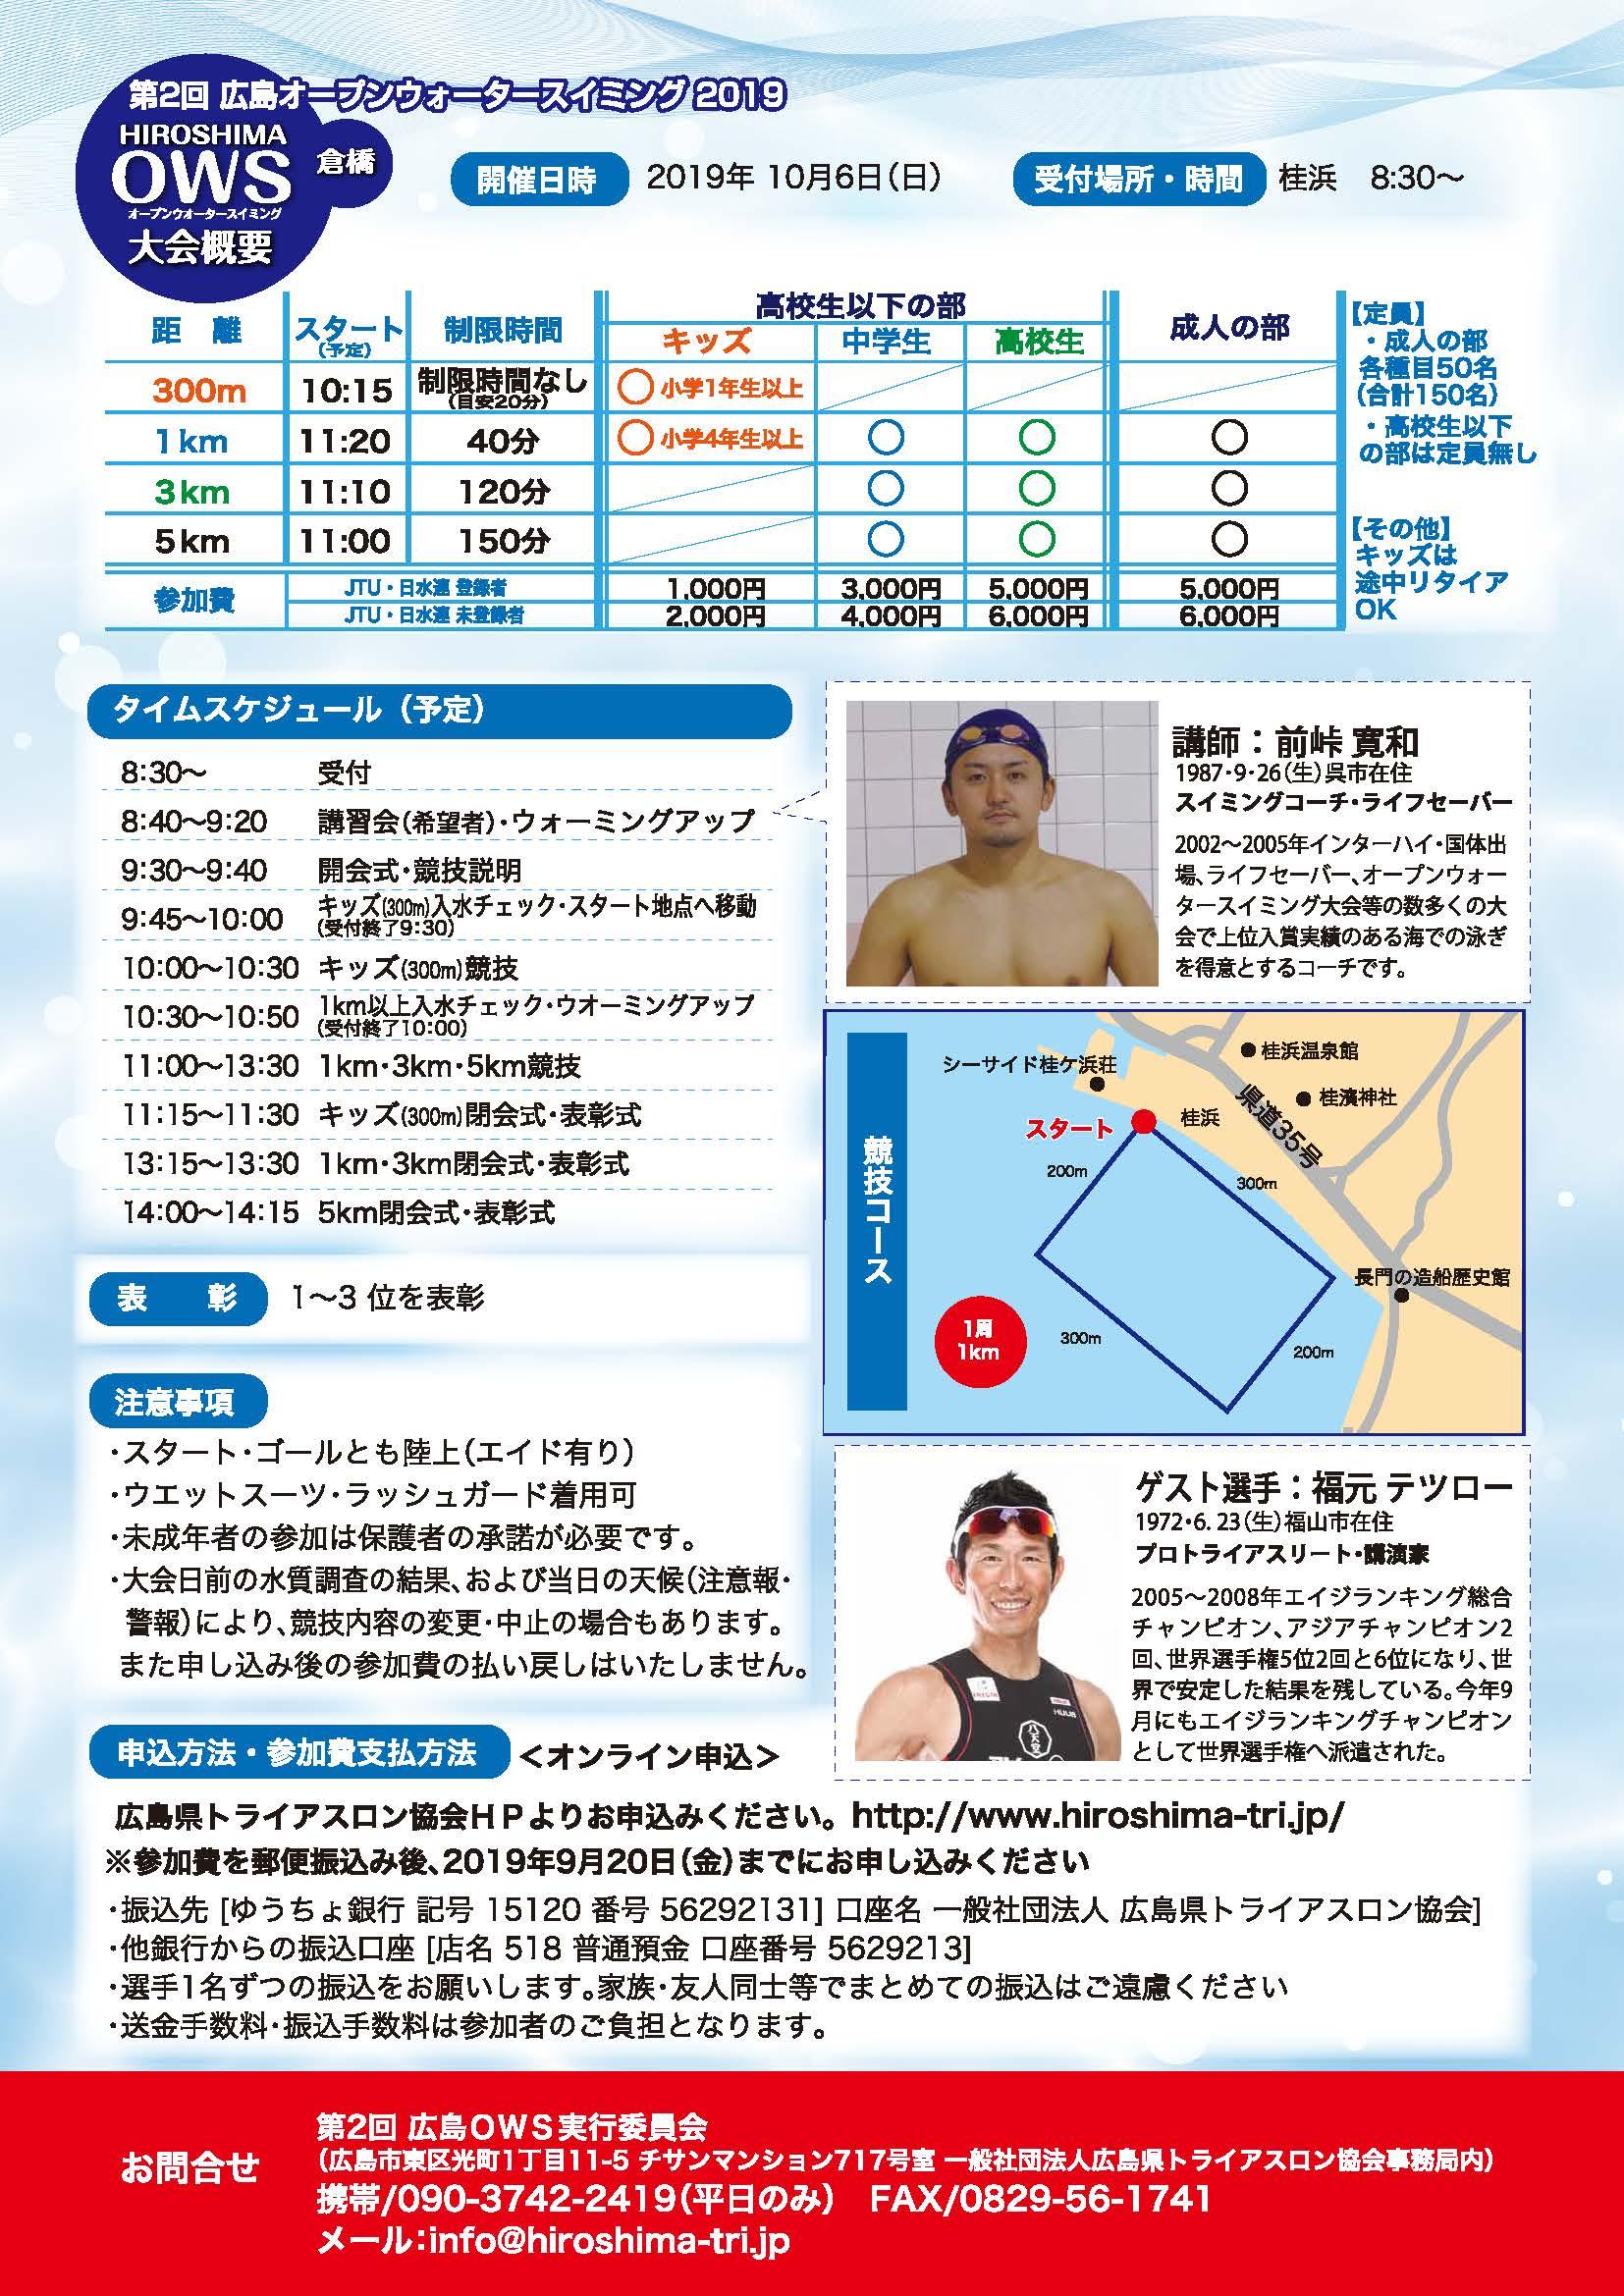 広島太田川オープンウォータースイミング大会概要2ページ